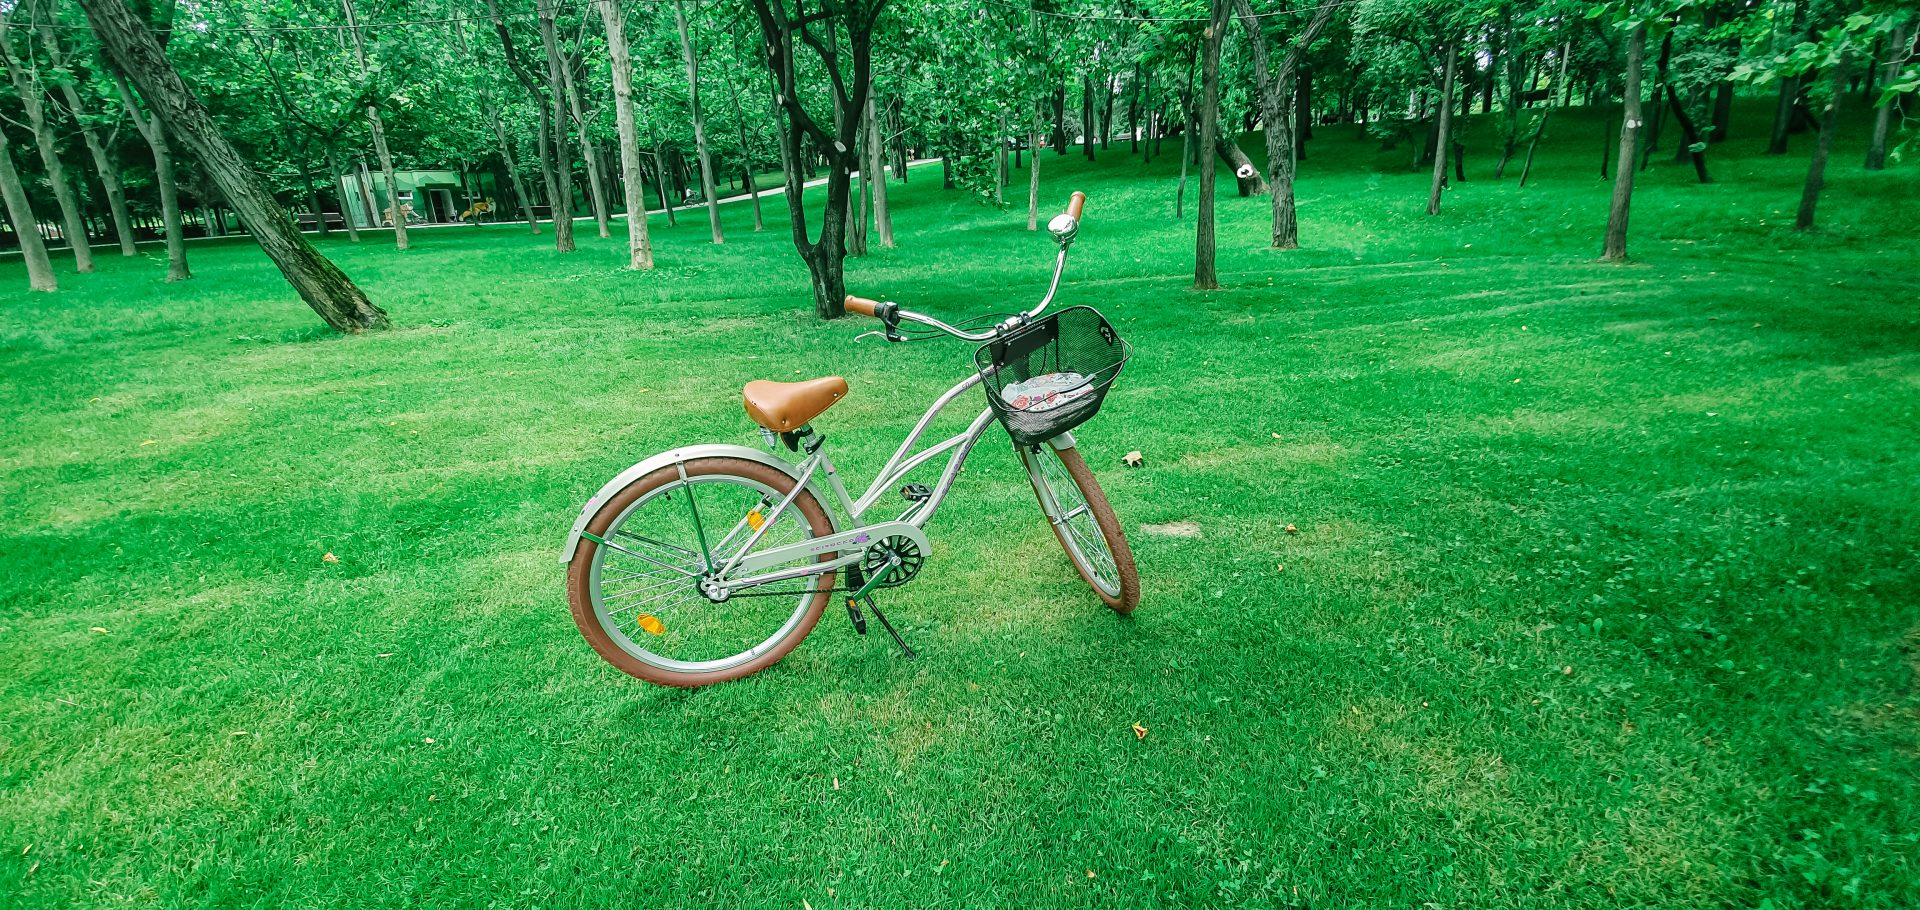 Cum poti sa castigi si tu o bicicleta vara aceasta [CONCURS pana pe 29 Iunie]